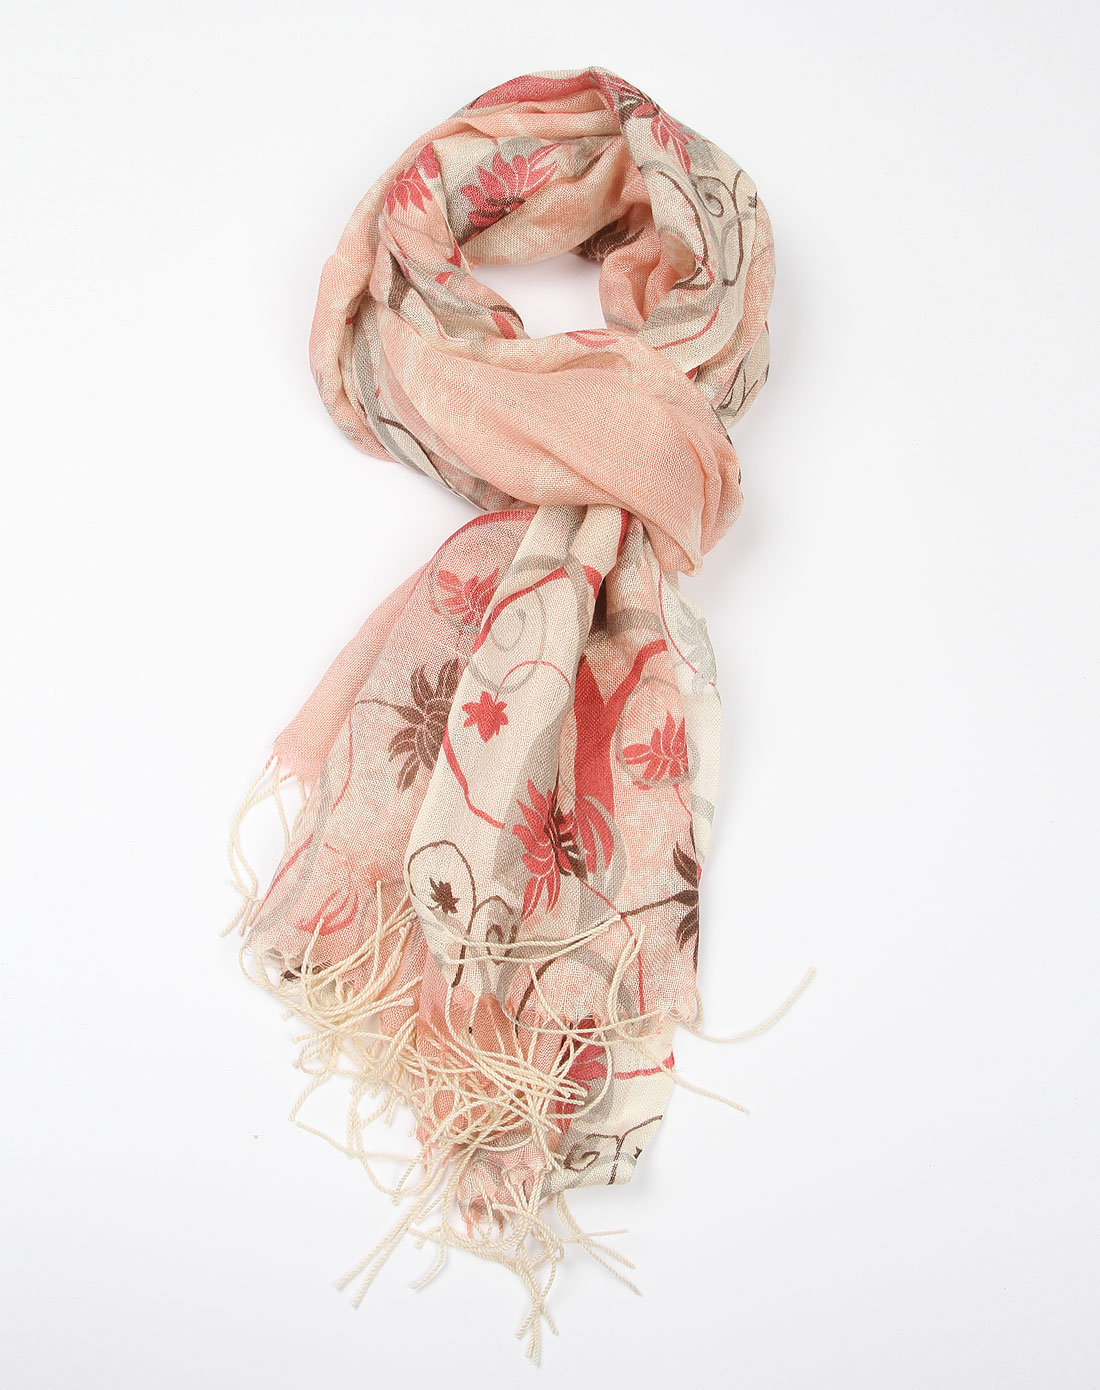 嬷嬷茶女孩围巾专场粉色印花围巾12640